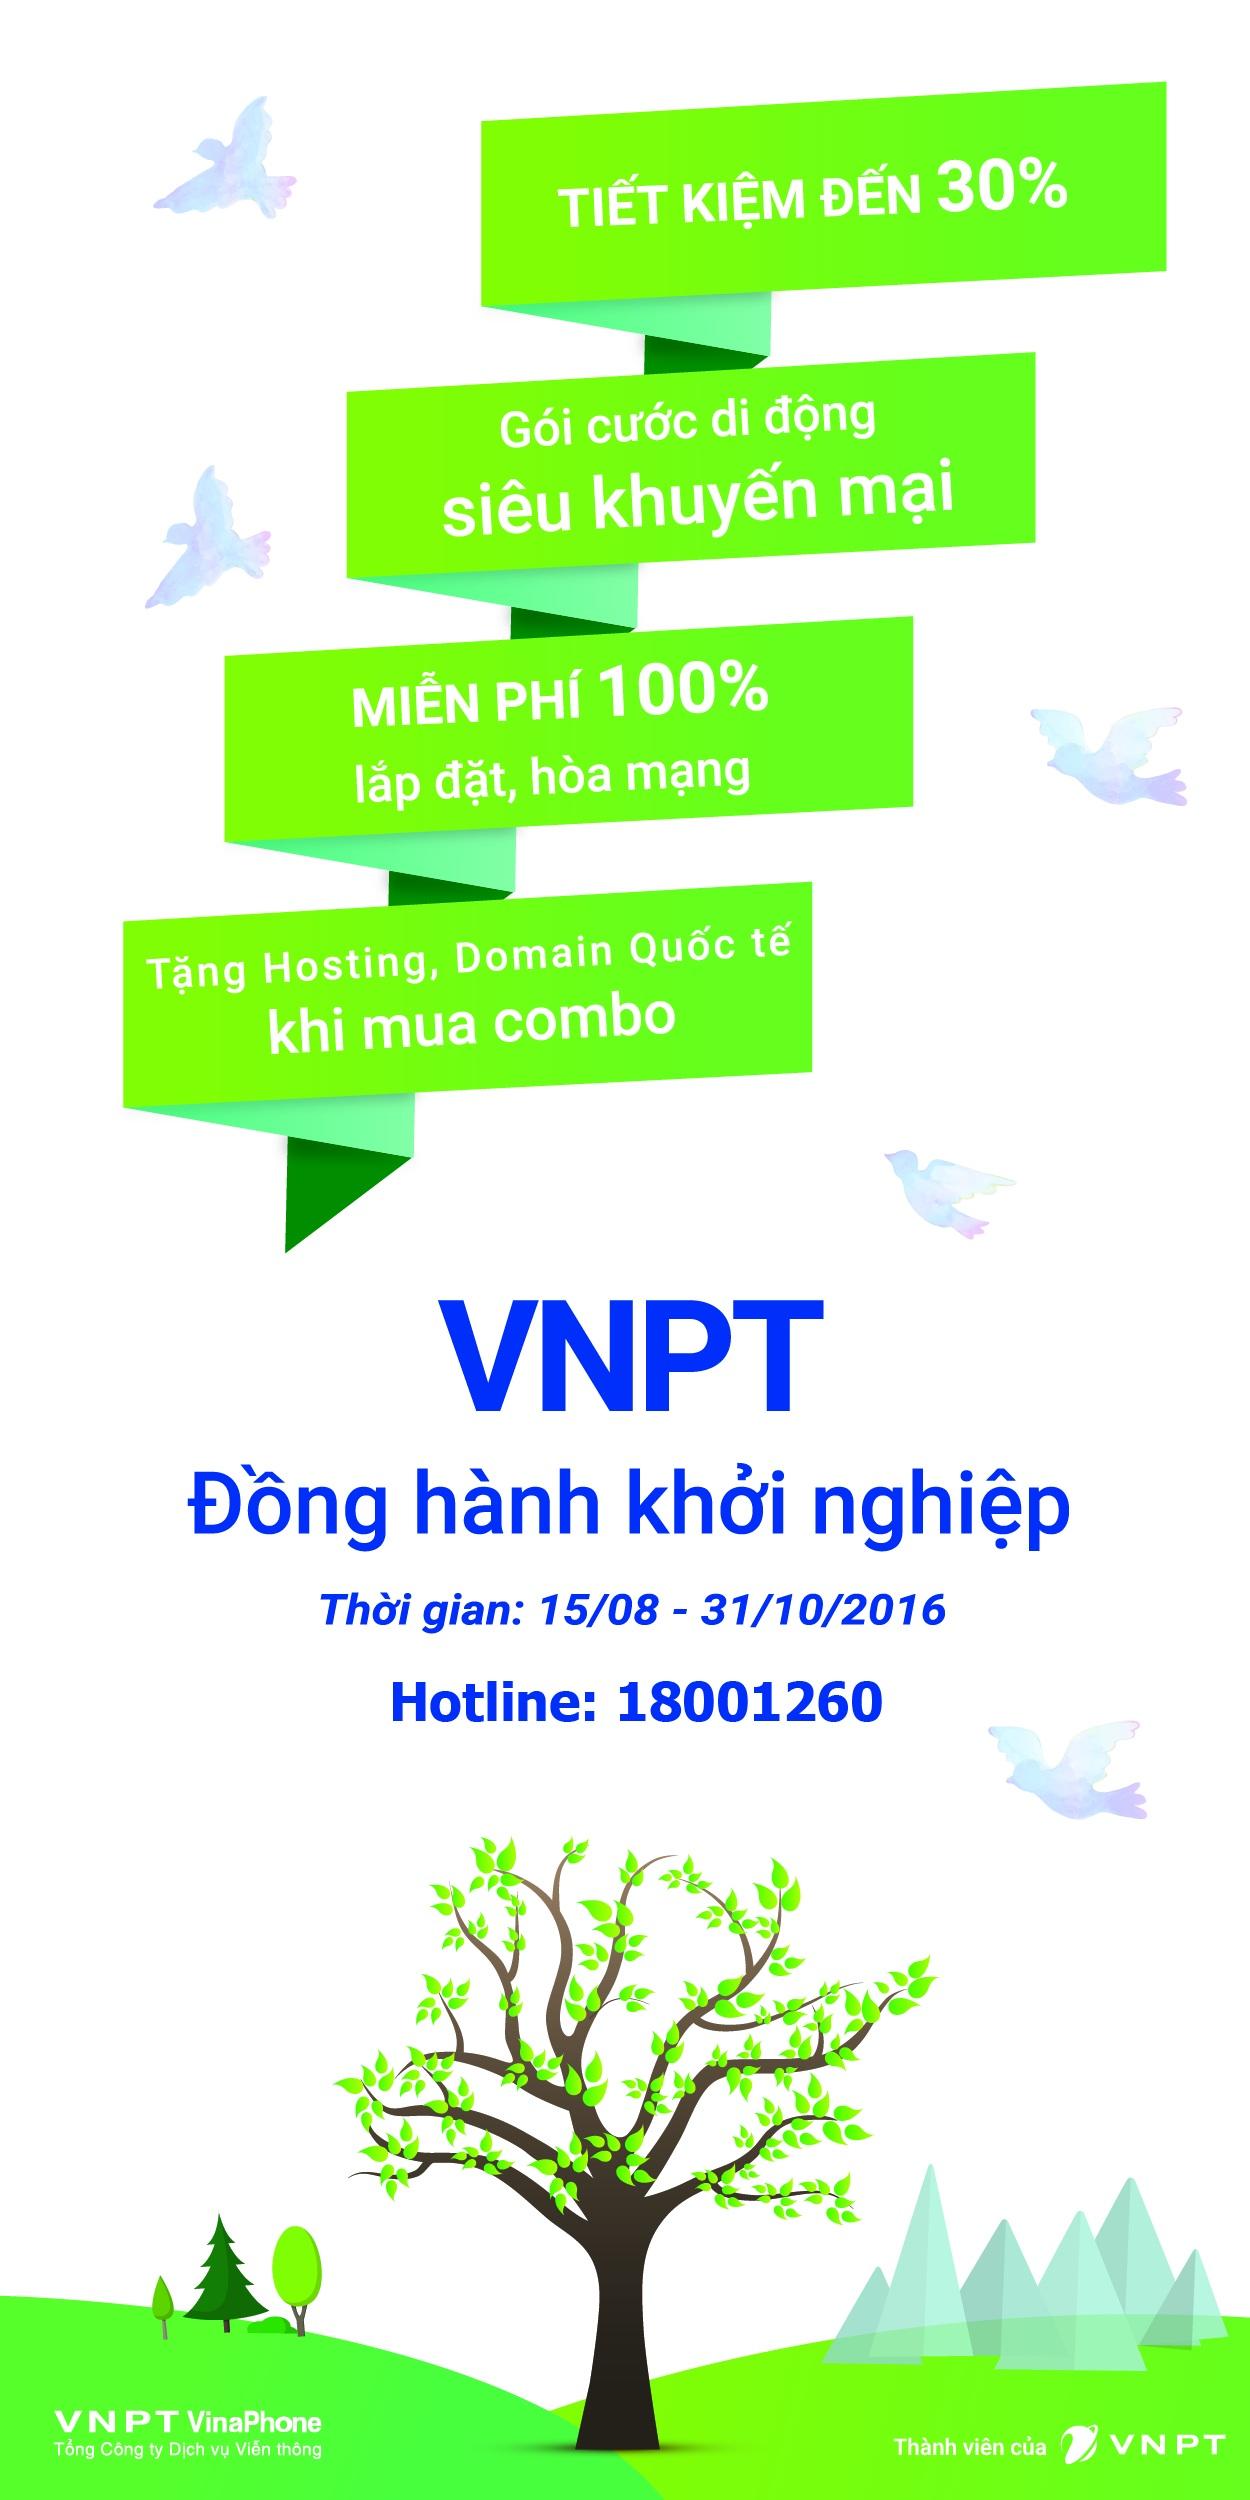 """""""VNPT - Hỗ trợ khởi nghiệp là trách nhiệm xã hội của chúng tôi"""" - 1"""